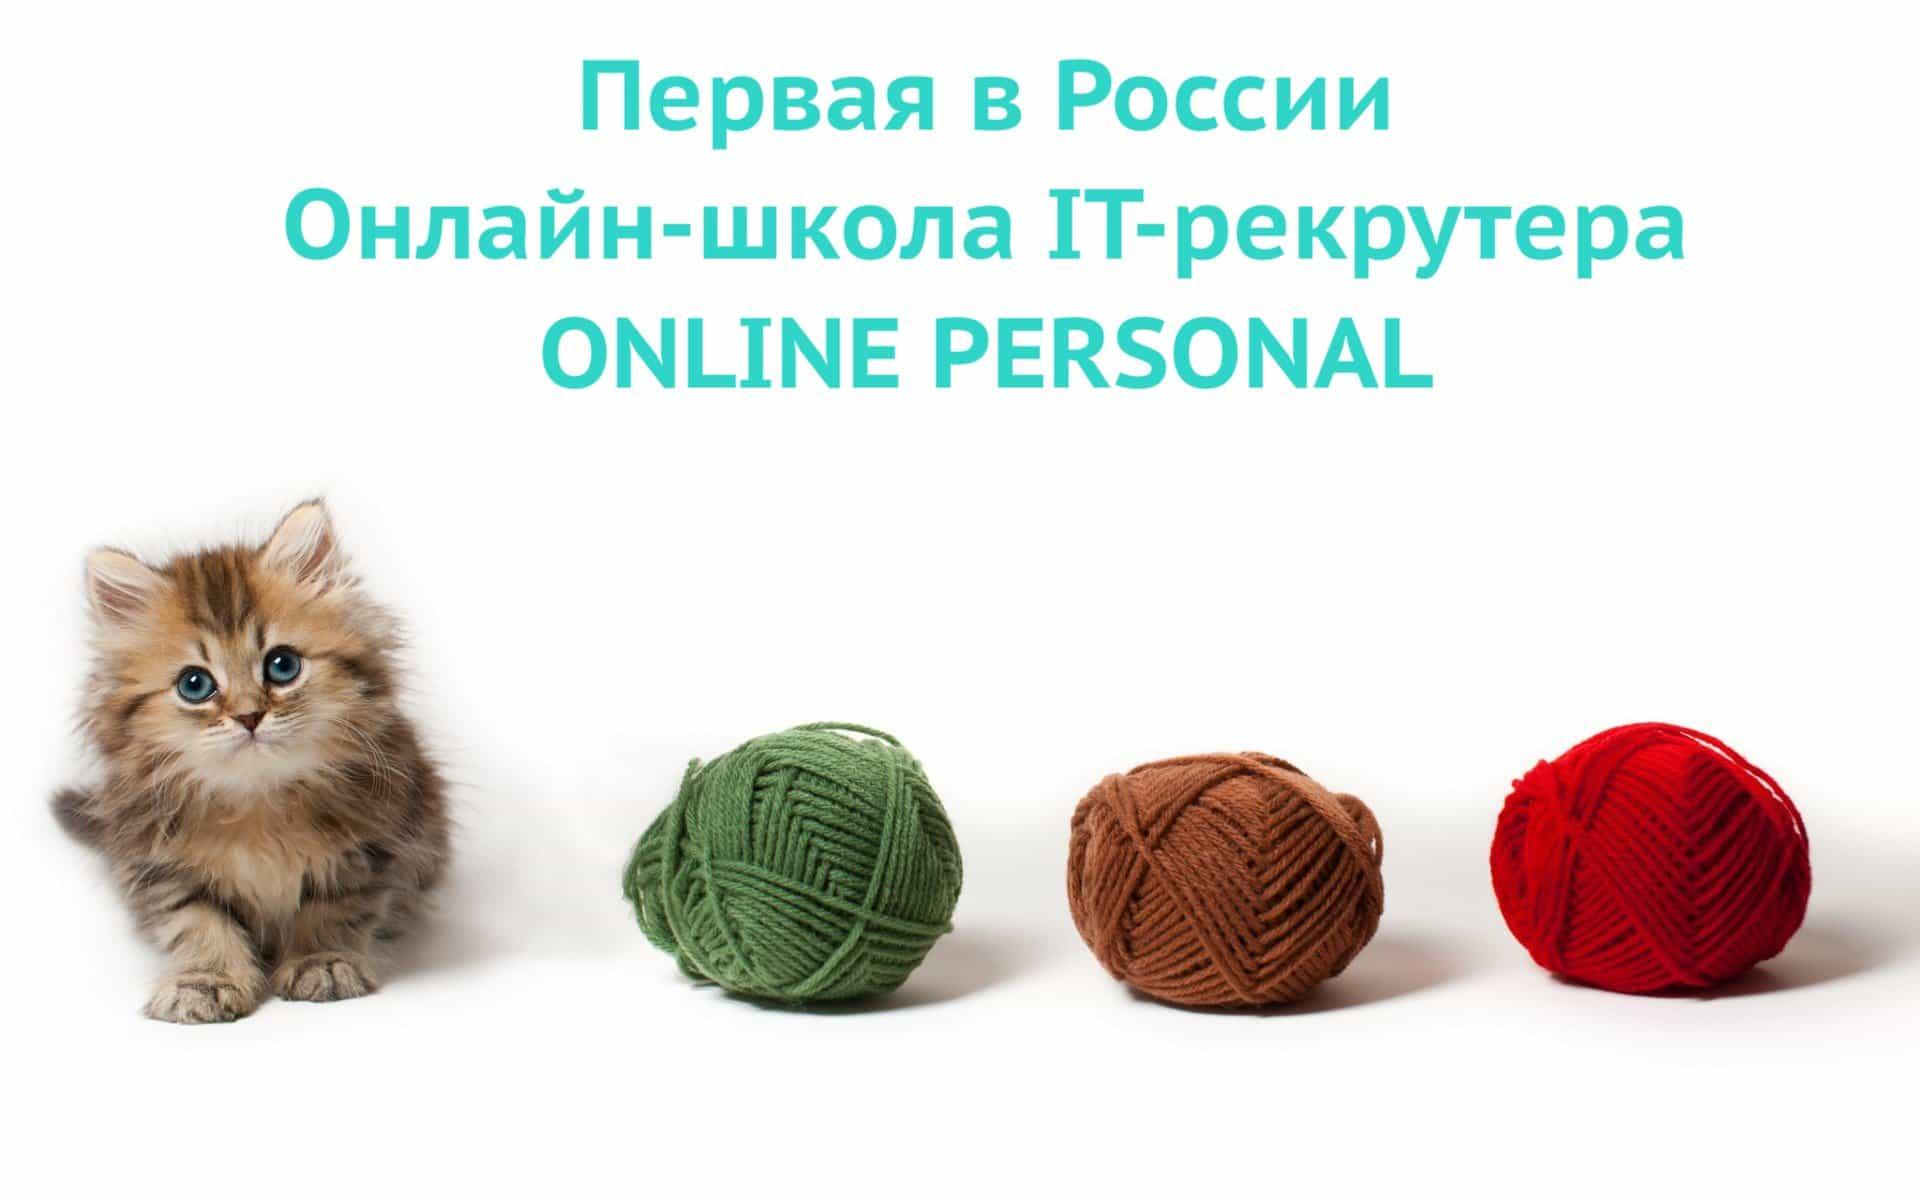 Первая в России online personal школа